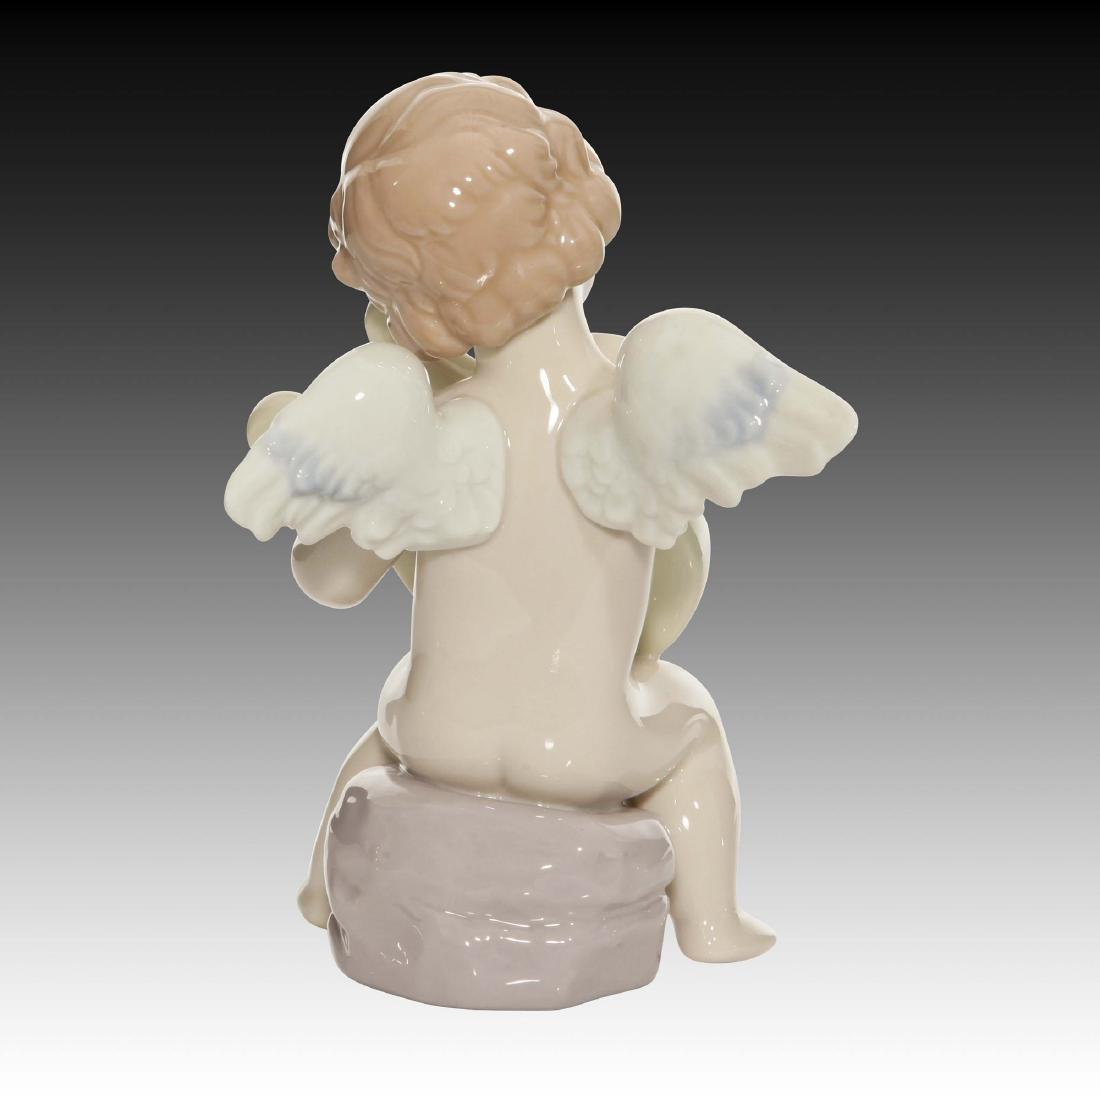 LLADRO ADAGIO ANGEL FIGURINE 6628 RETIRED 2004 - 2